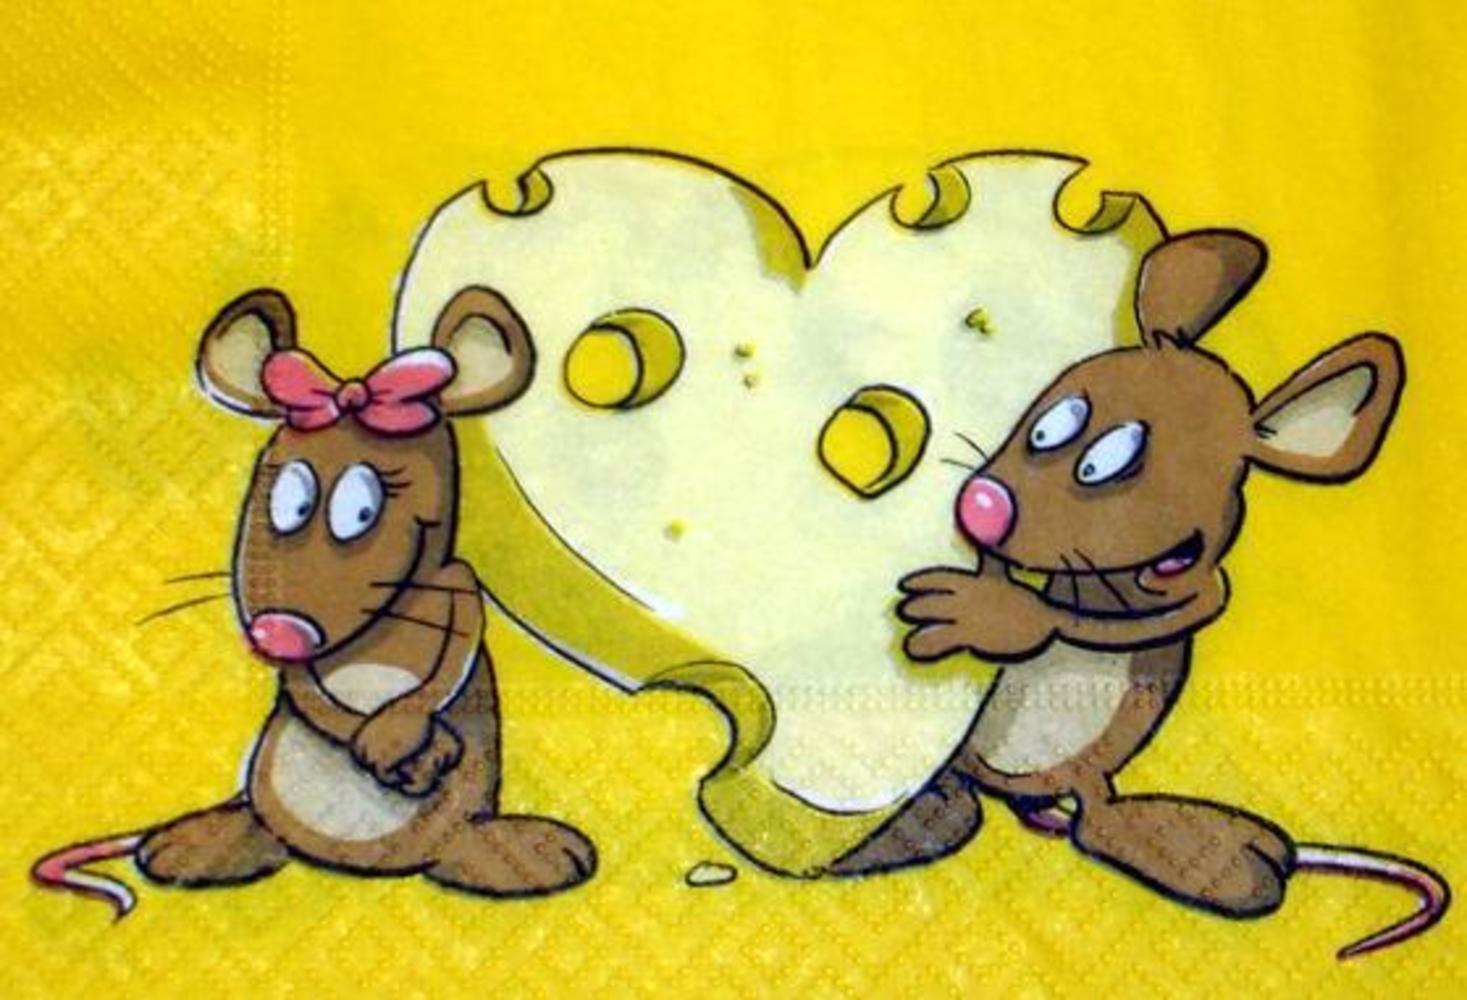 картинки о любви мышки обычно возникает при